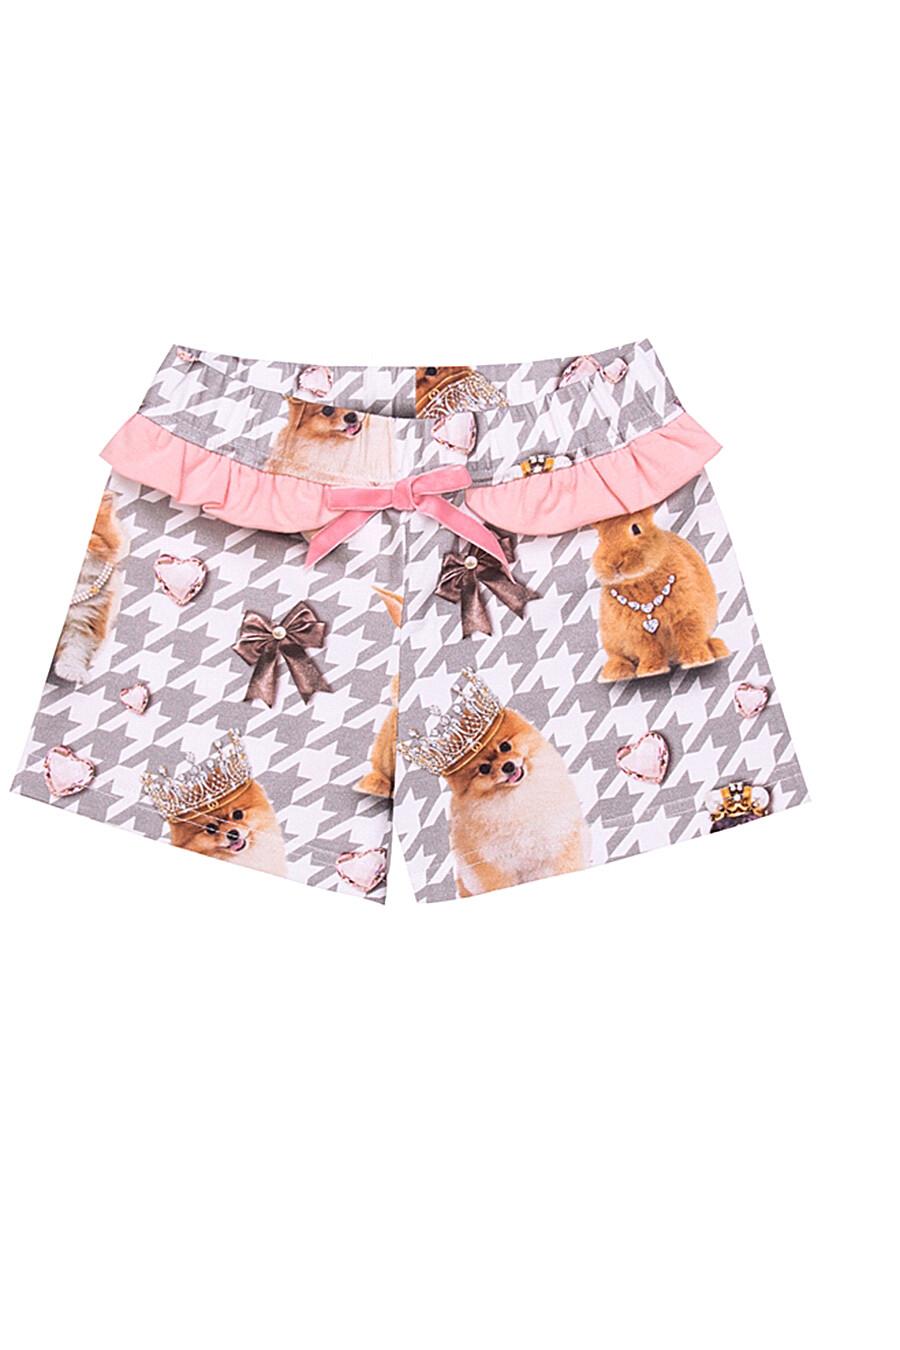 Шорты для девочек АПРЕЛЬ 699949 купить оптом от производителя. Совместная покупка детской одежды в OptMoyo